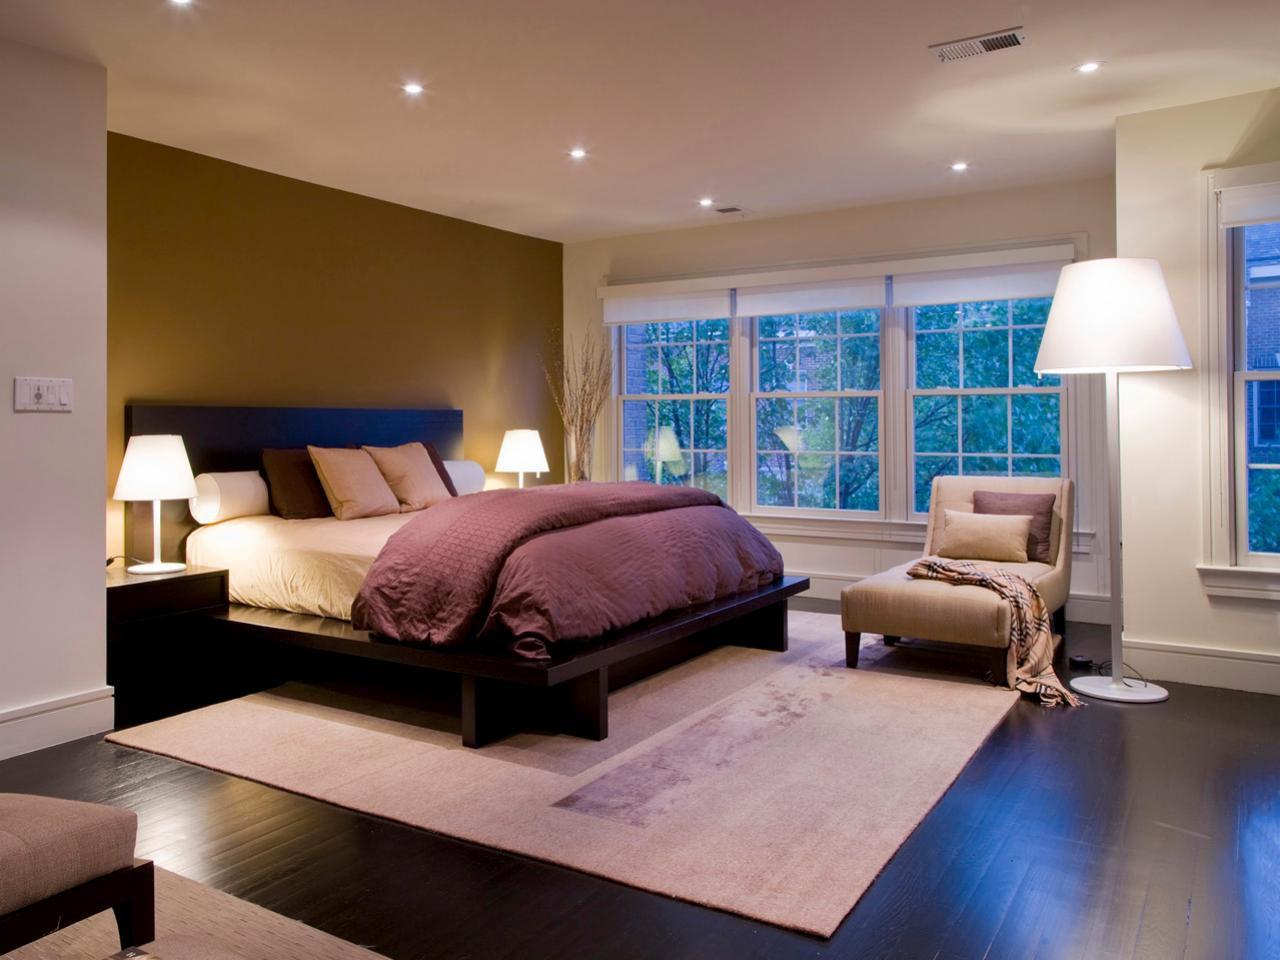 bedroom lighting guide